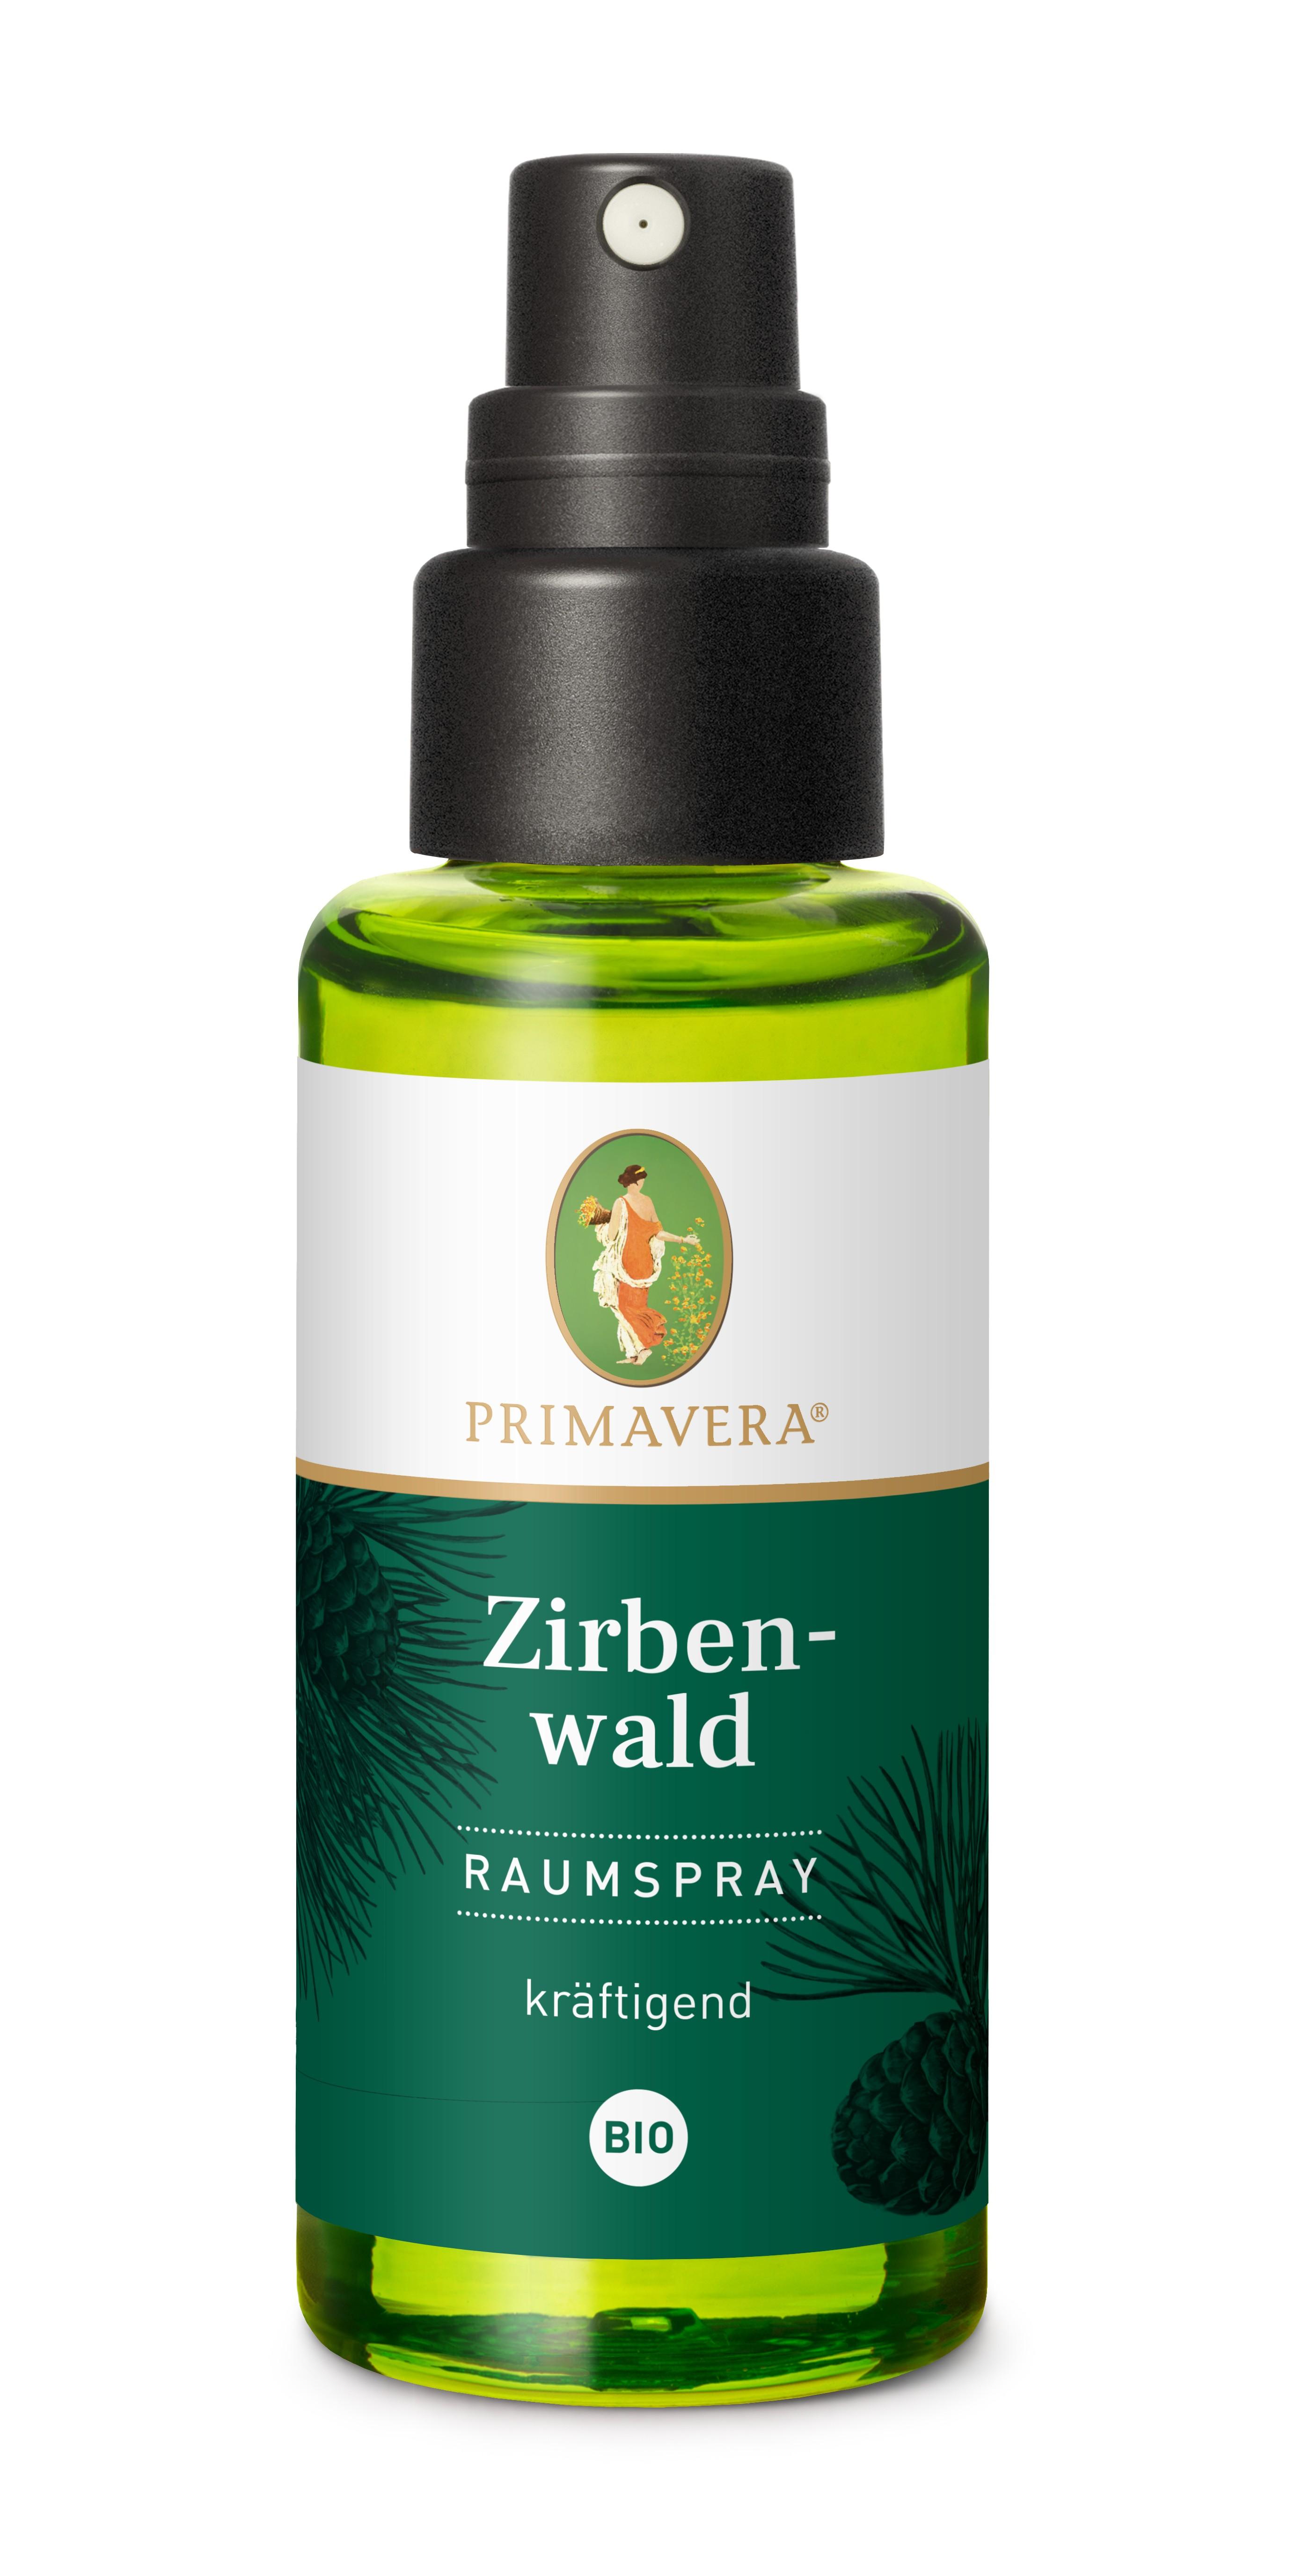 Zirbenwald Raumspray bio 50 ml